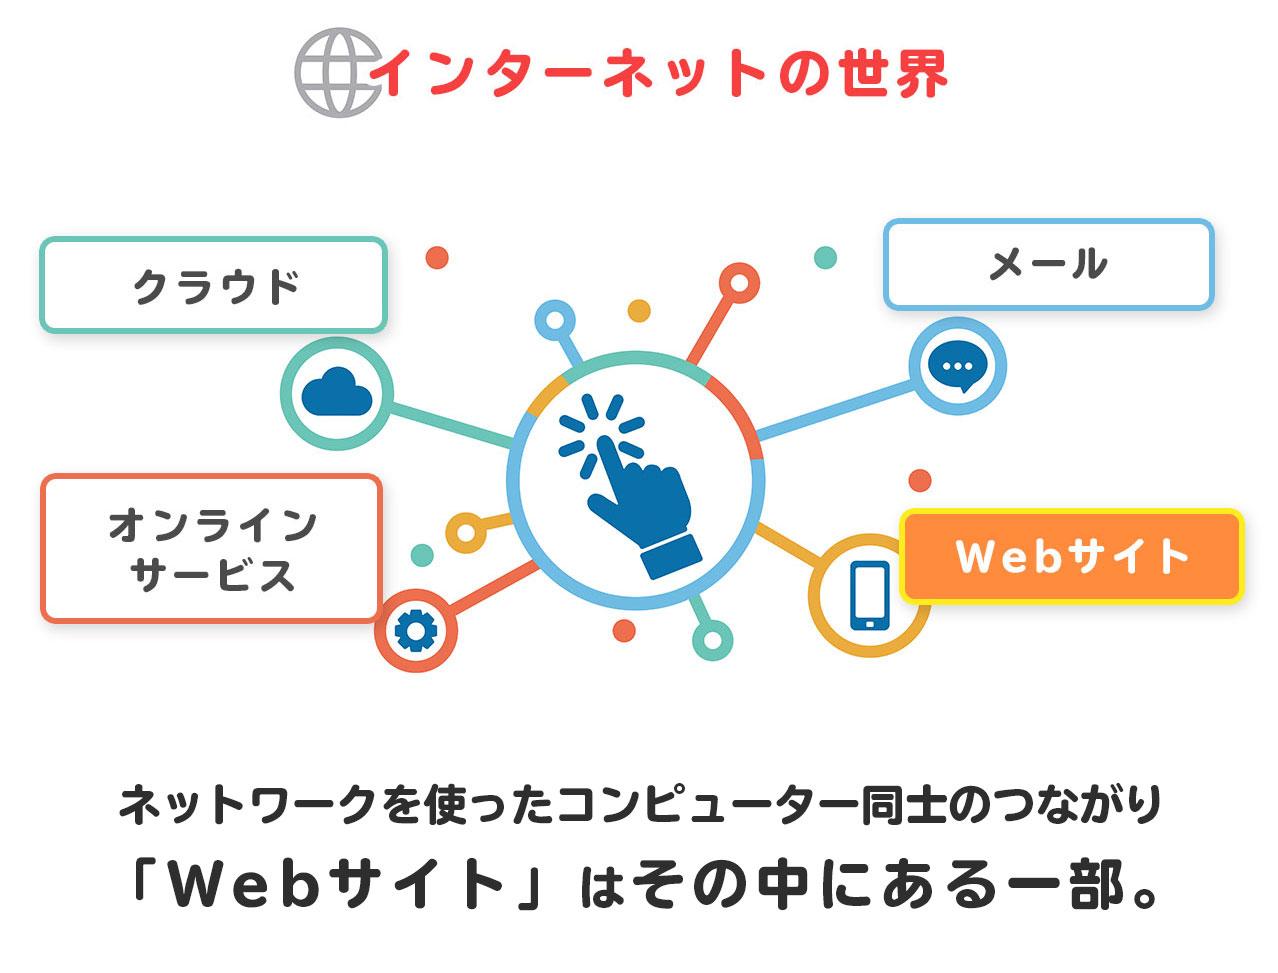 インターネットの世界